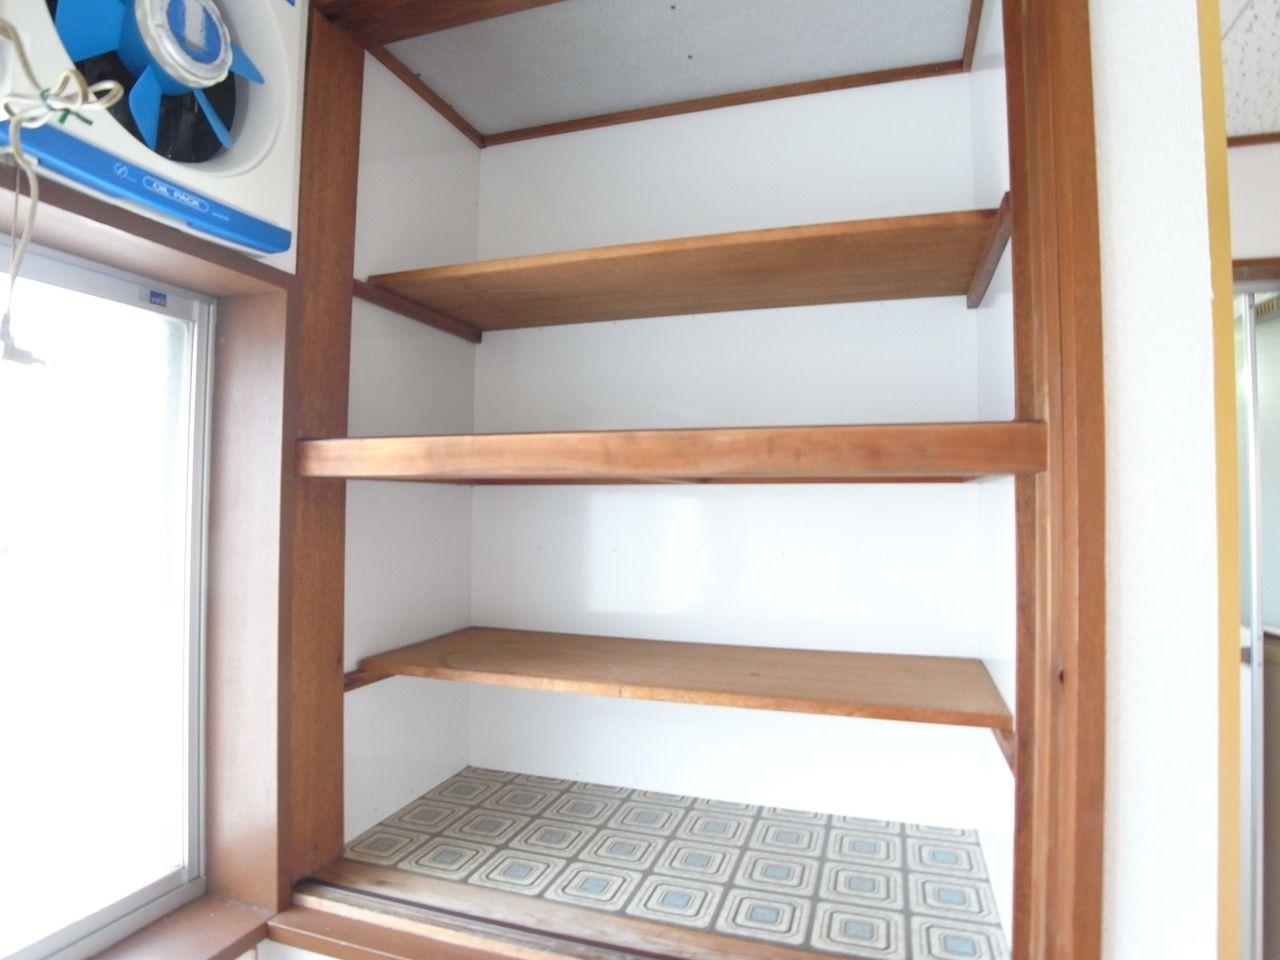 たっぷり収納できて便利な収納棚